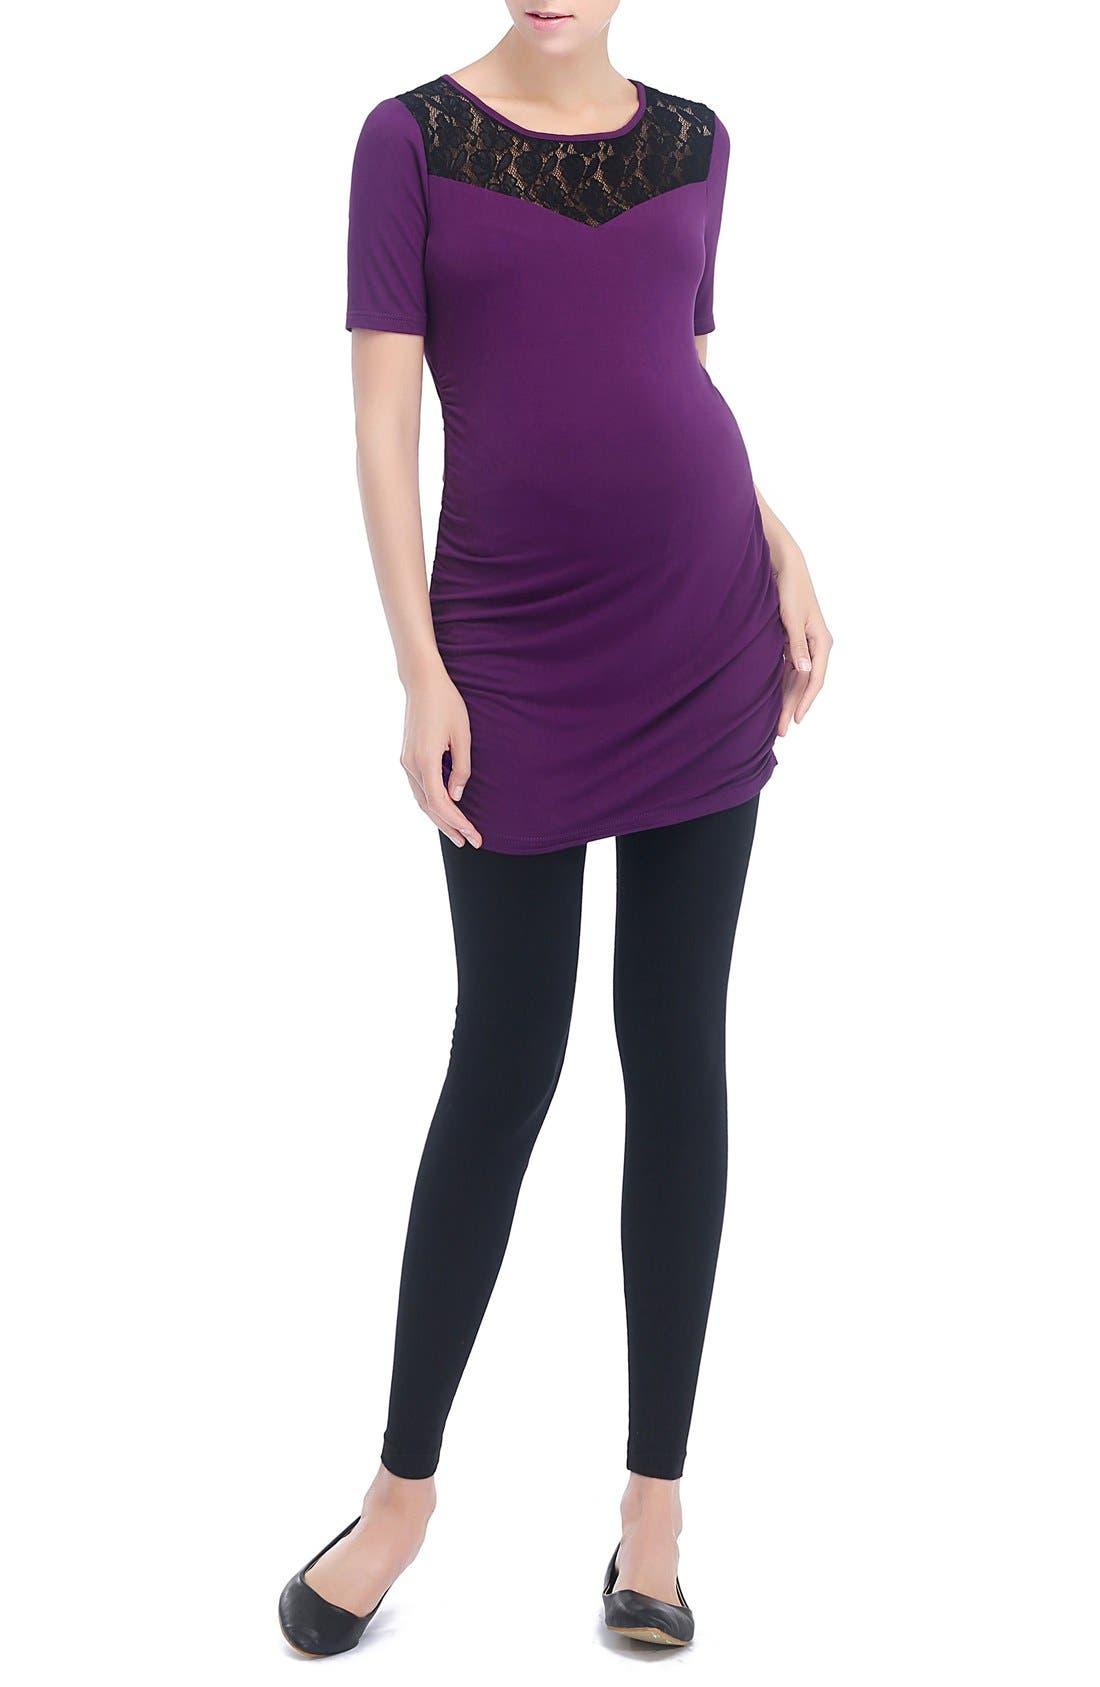 'Alden' Floral Lace Jersey Maternity Top,                             Alternate thumbnail 2, color,                             Purple